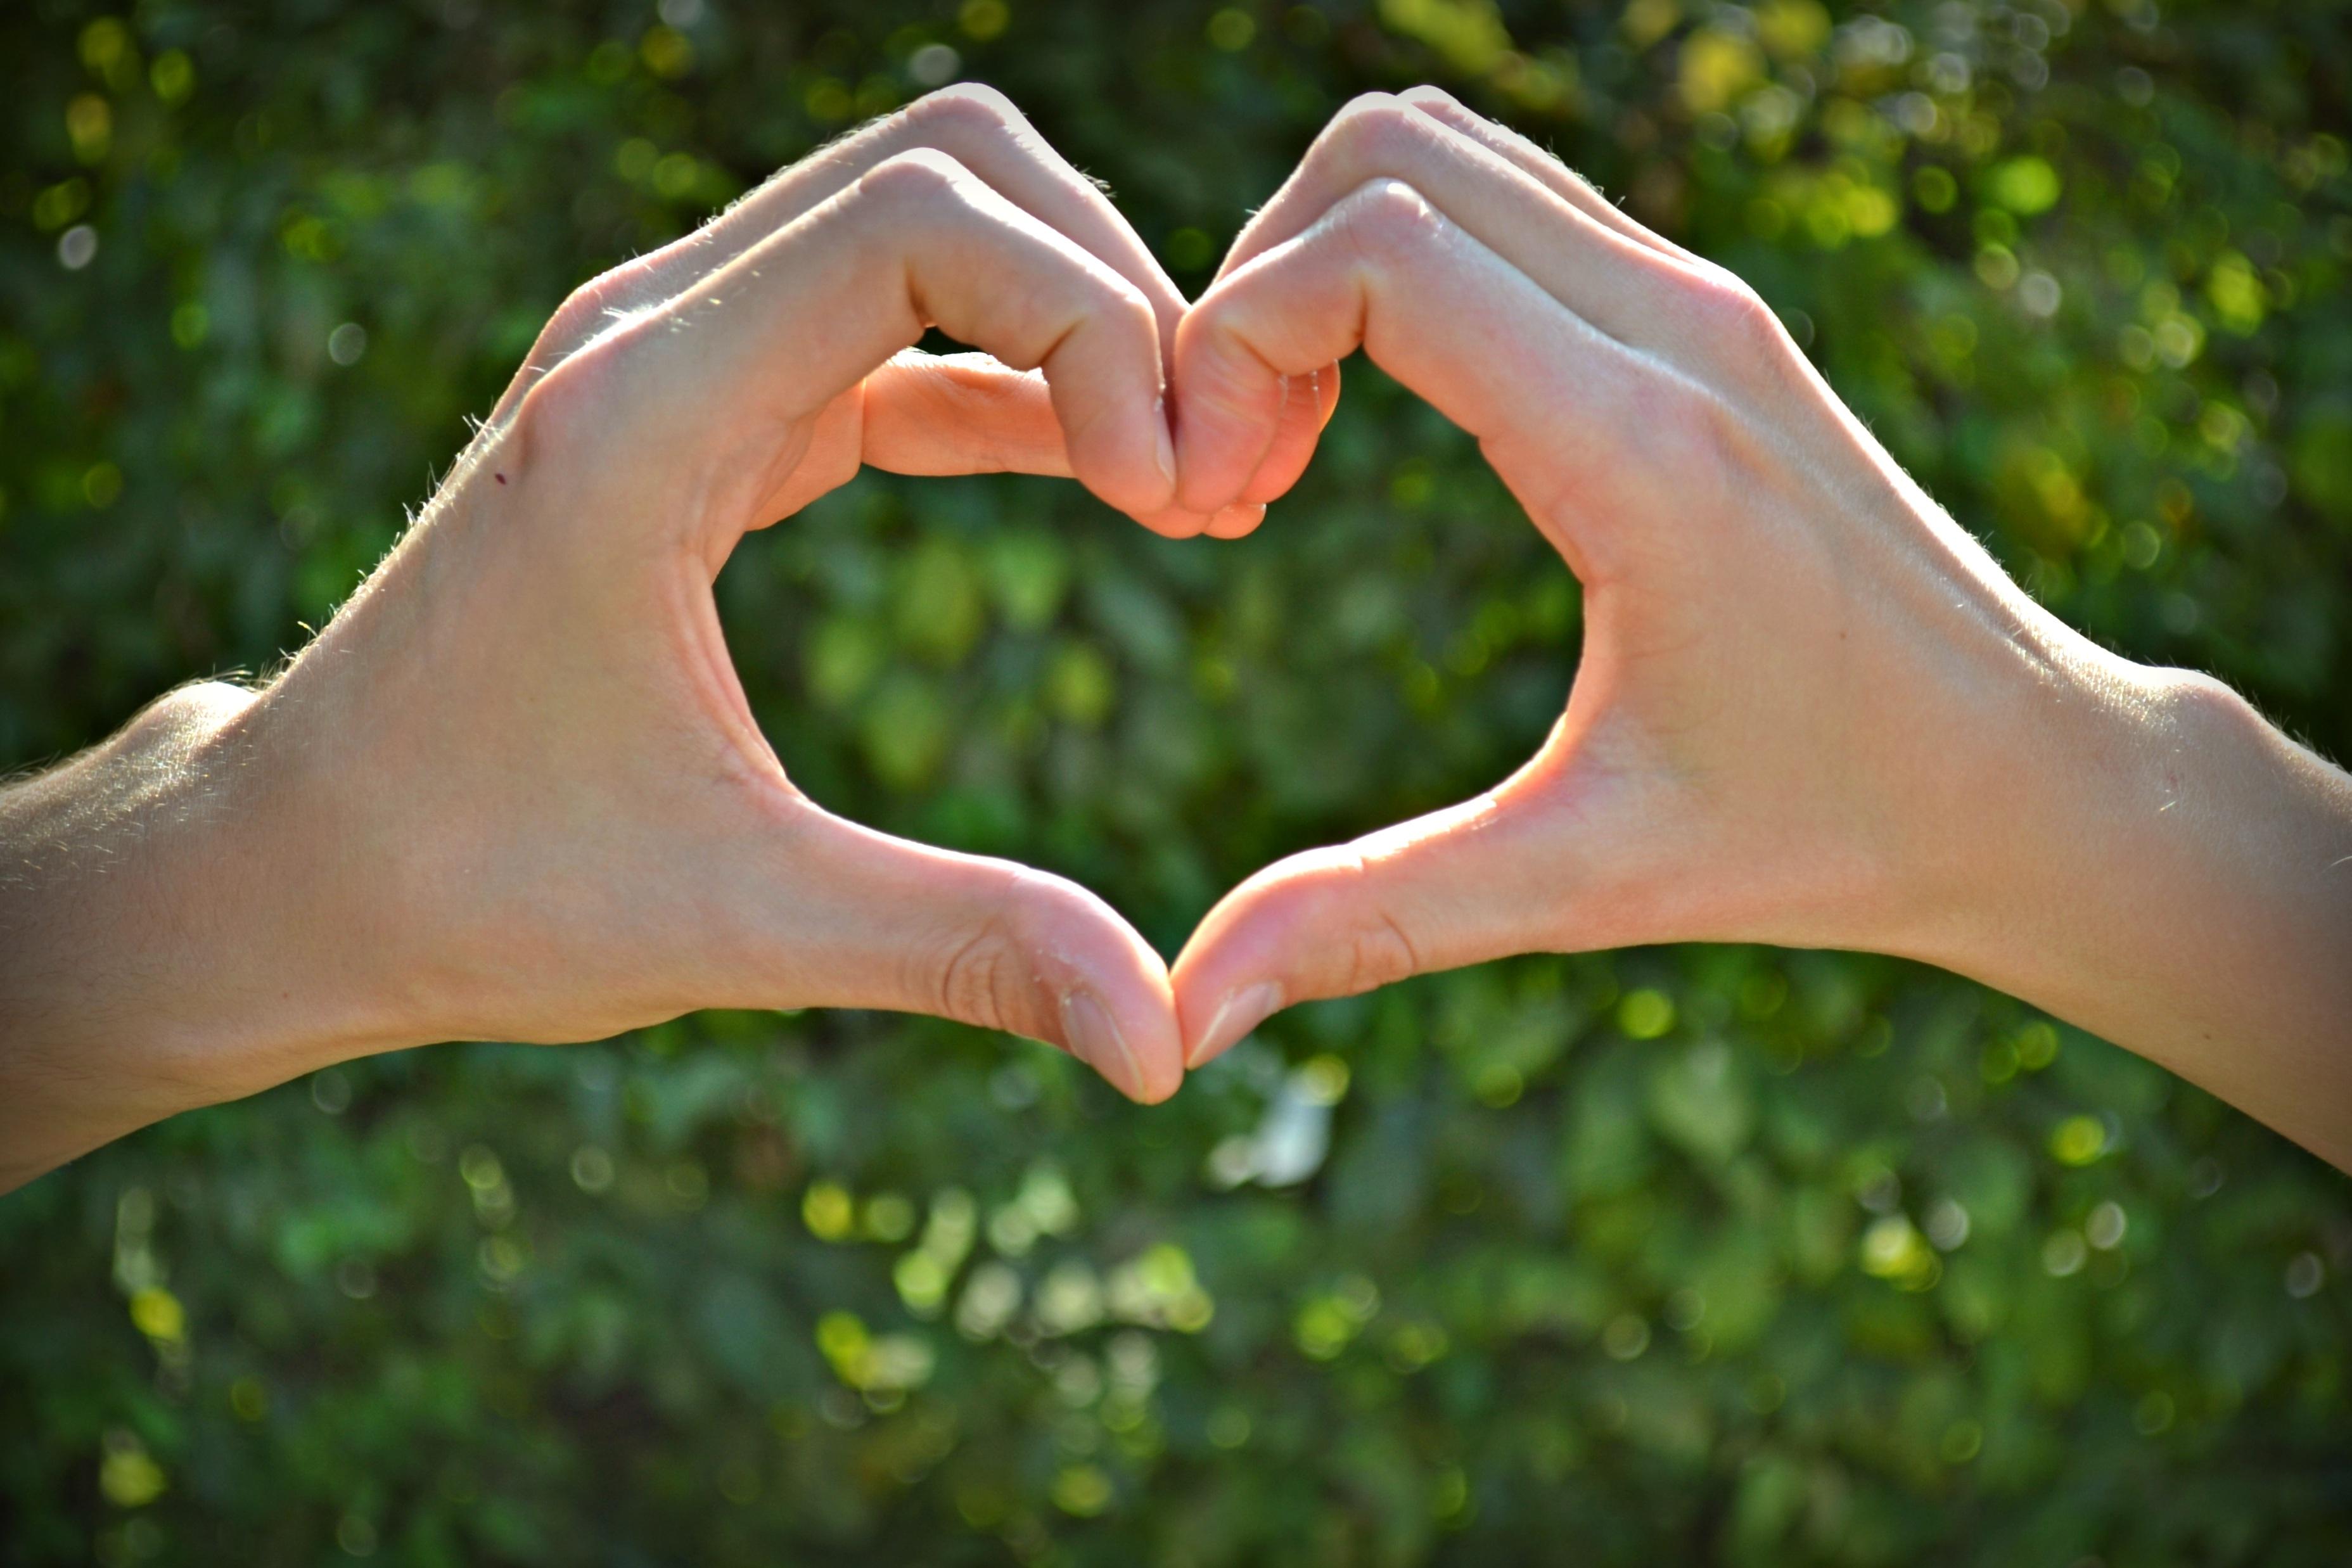 фото сердечек из рук потребуется обеспечить солнечный